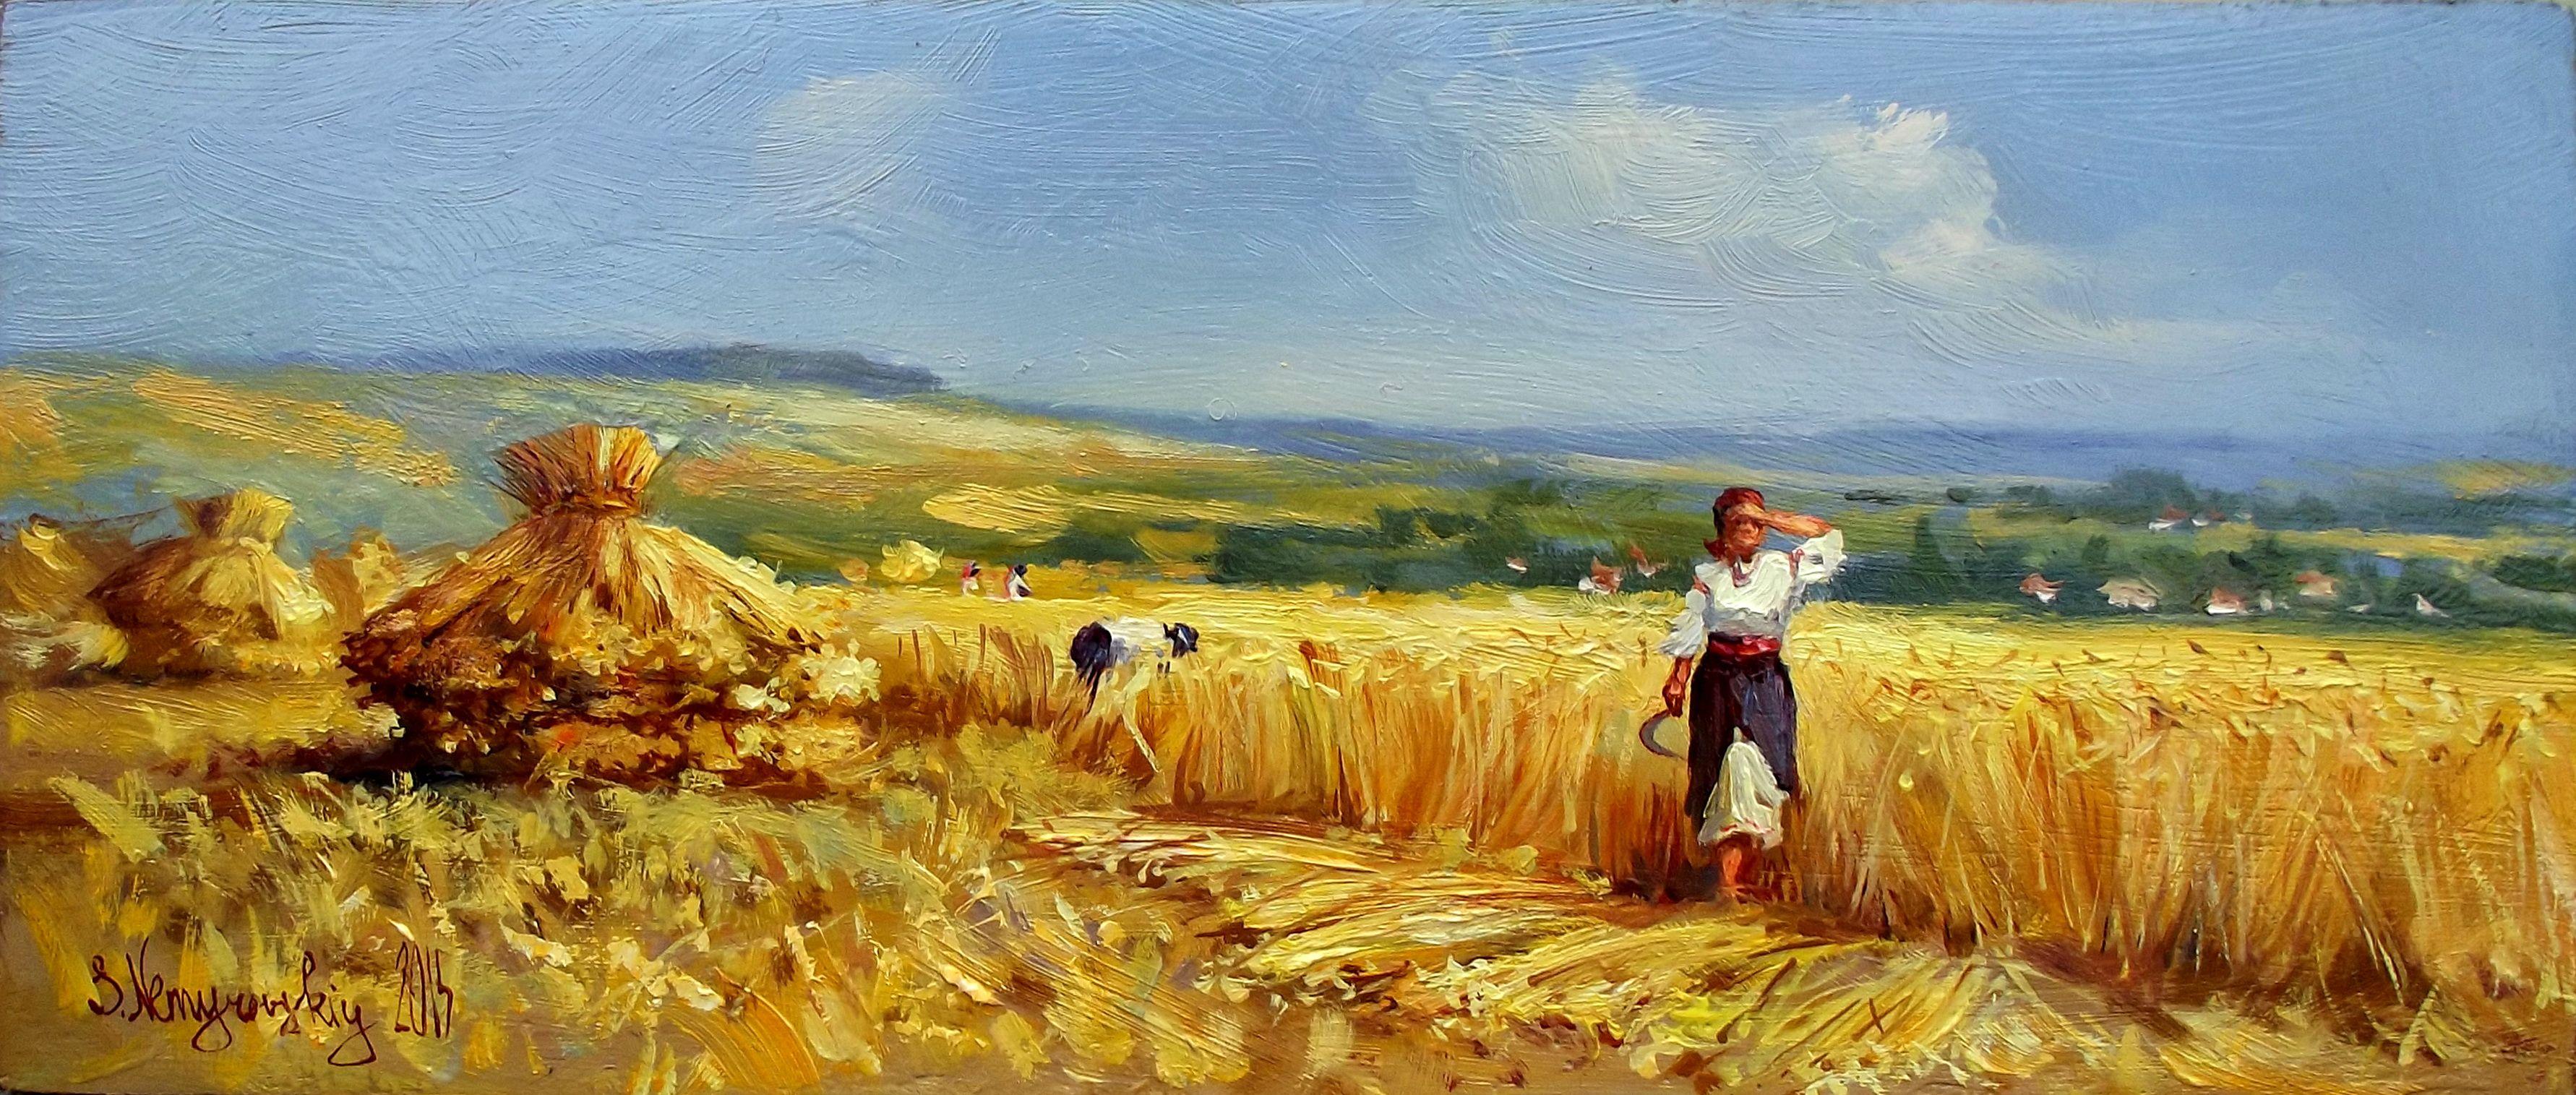 Картинке сборе урожая хлеба